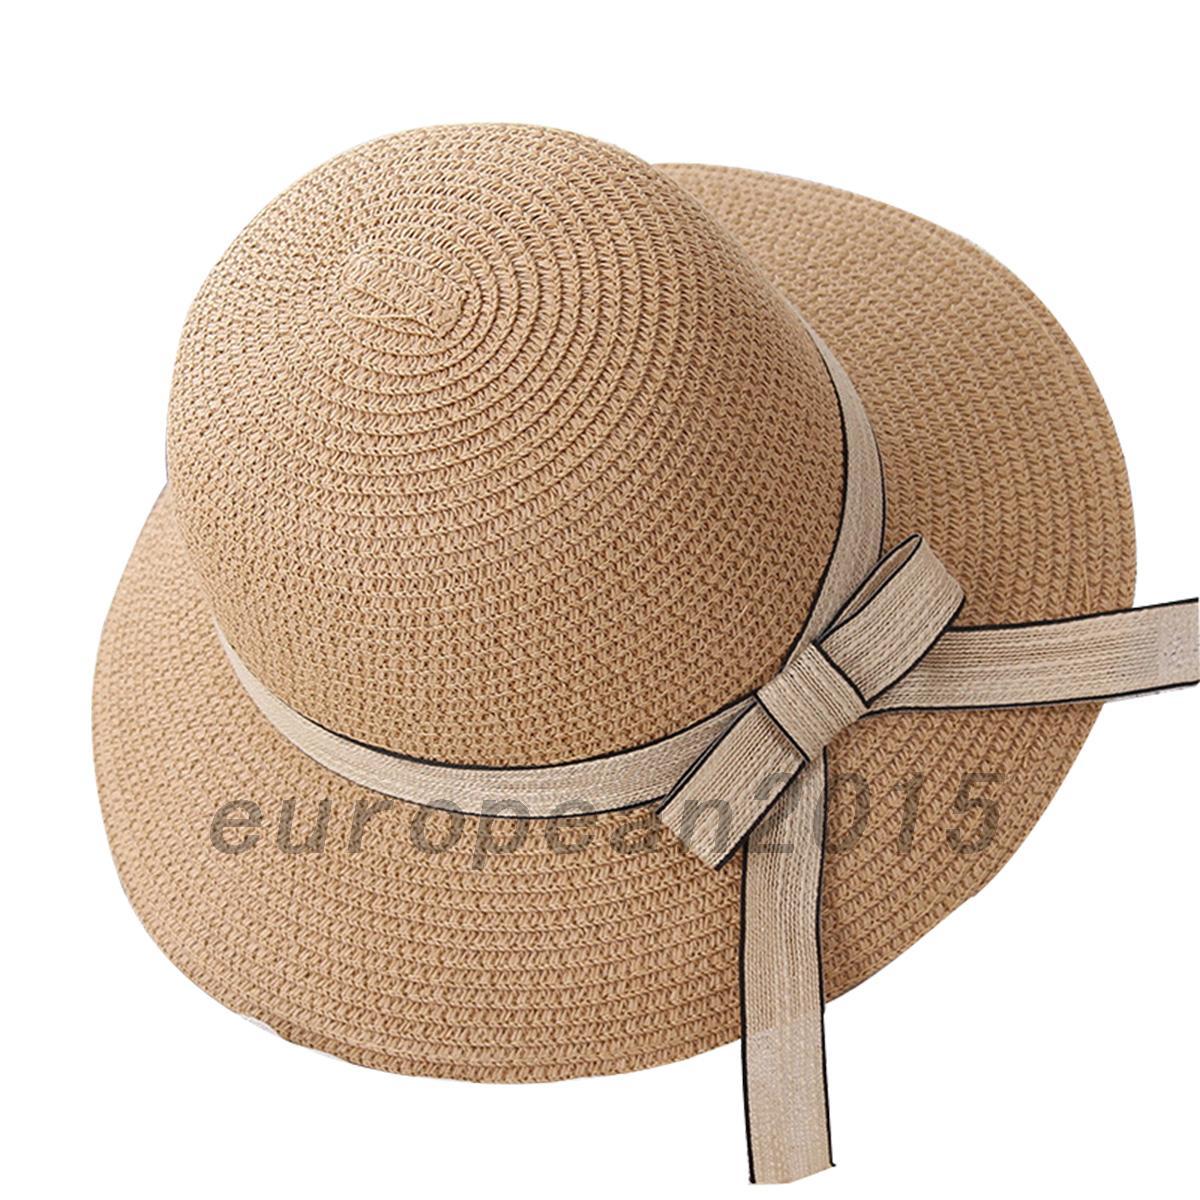 femme capeline pliable chapeau de soleil r glable large bord visi re et plage. Black Bedroom Furniture Sets. Home Design Ideas